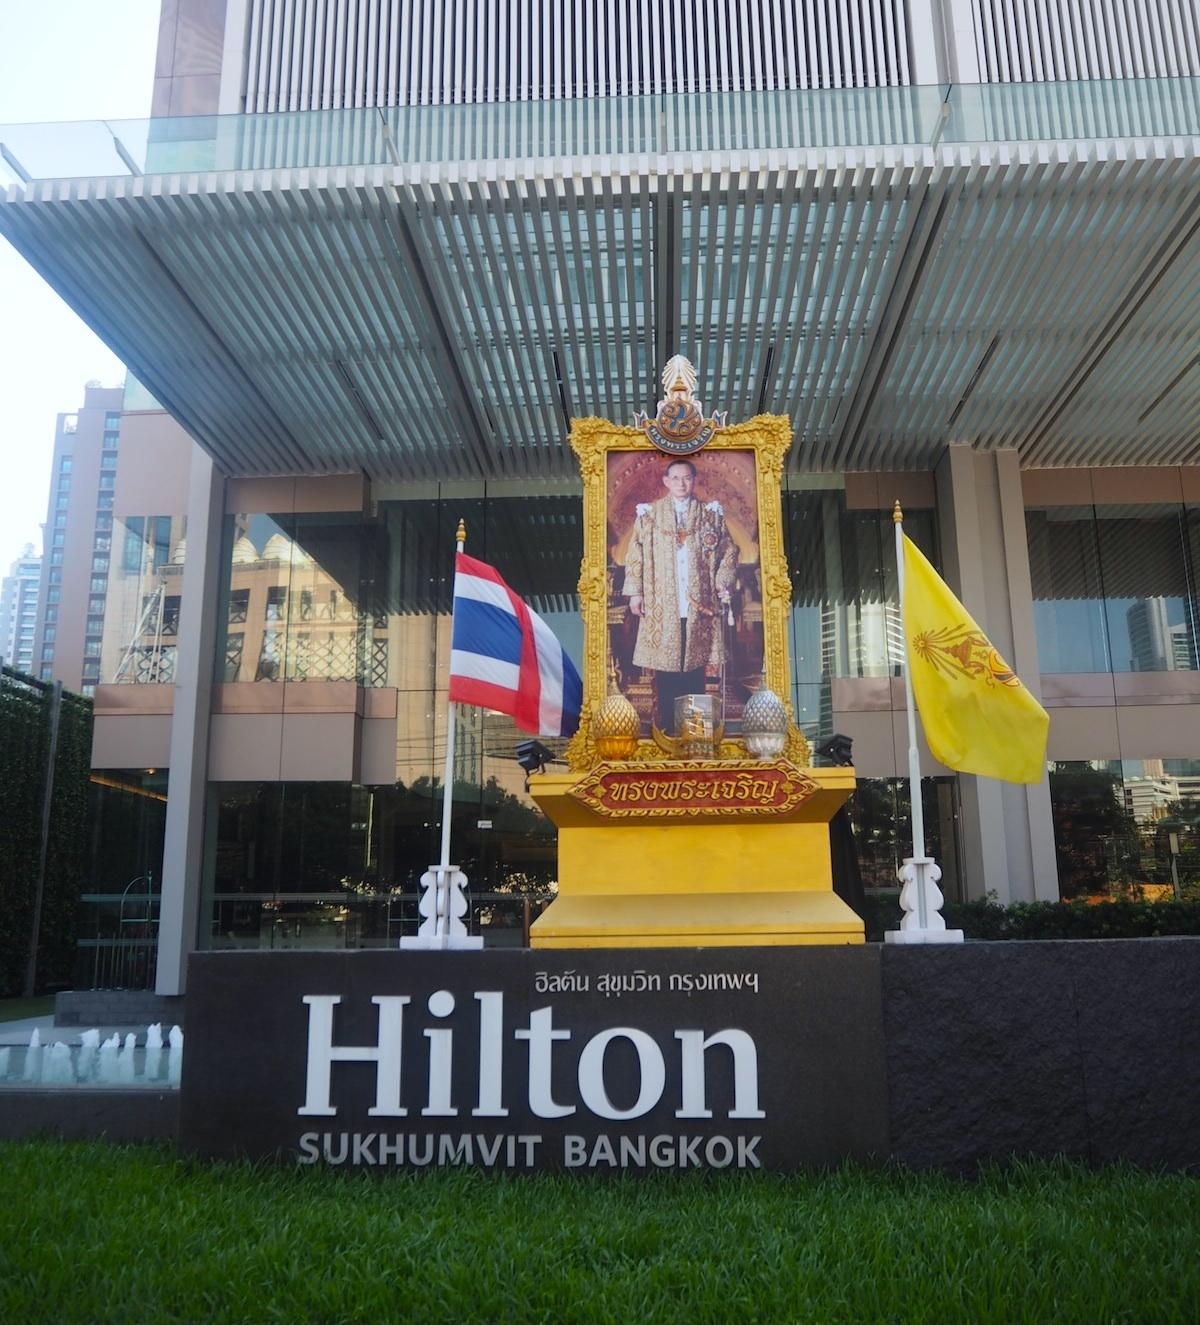 hilton_sukhumvit_thai_WHUDAT_29